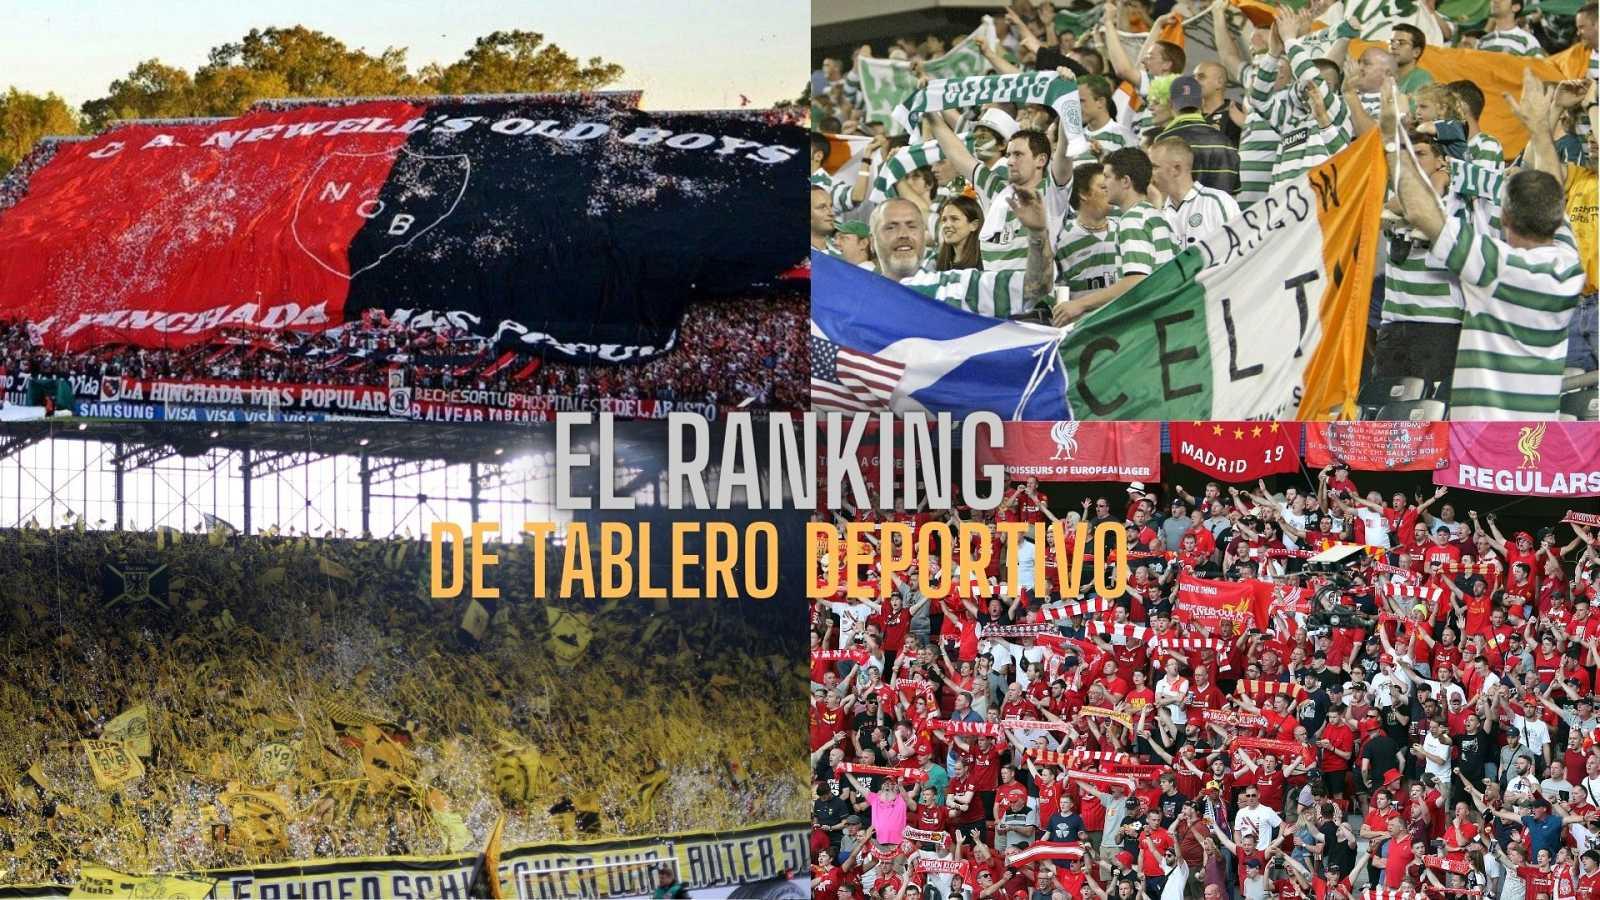 Tablero Deportivo - Ránking: los mejores cánticos de aficionados de fútbol - Escuchar ahora